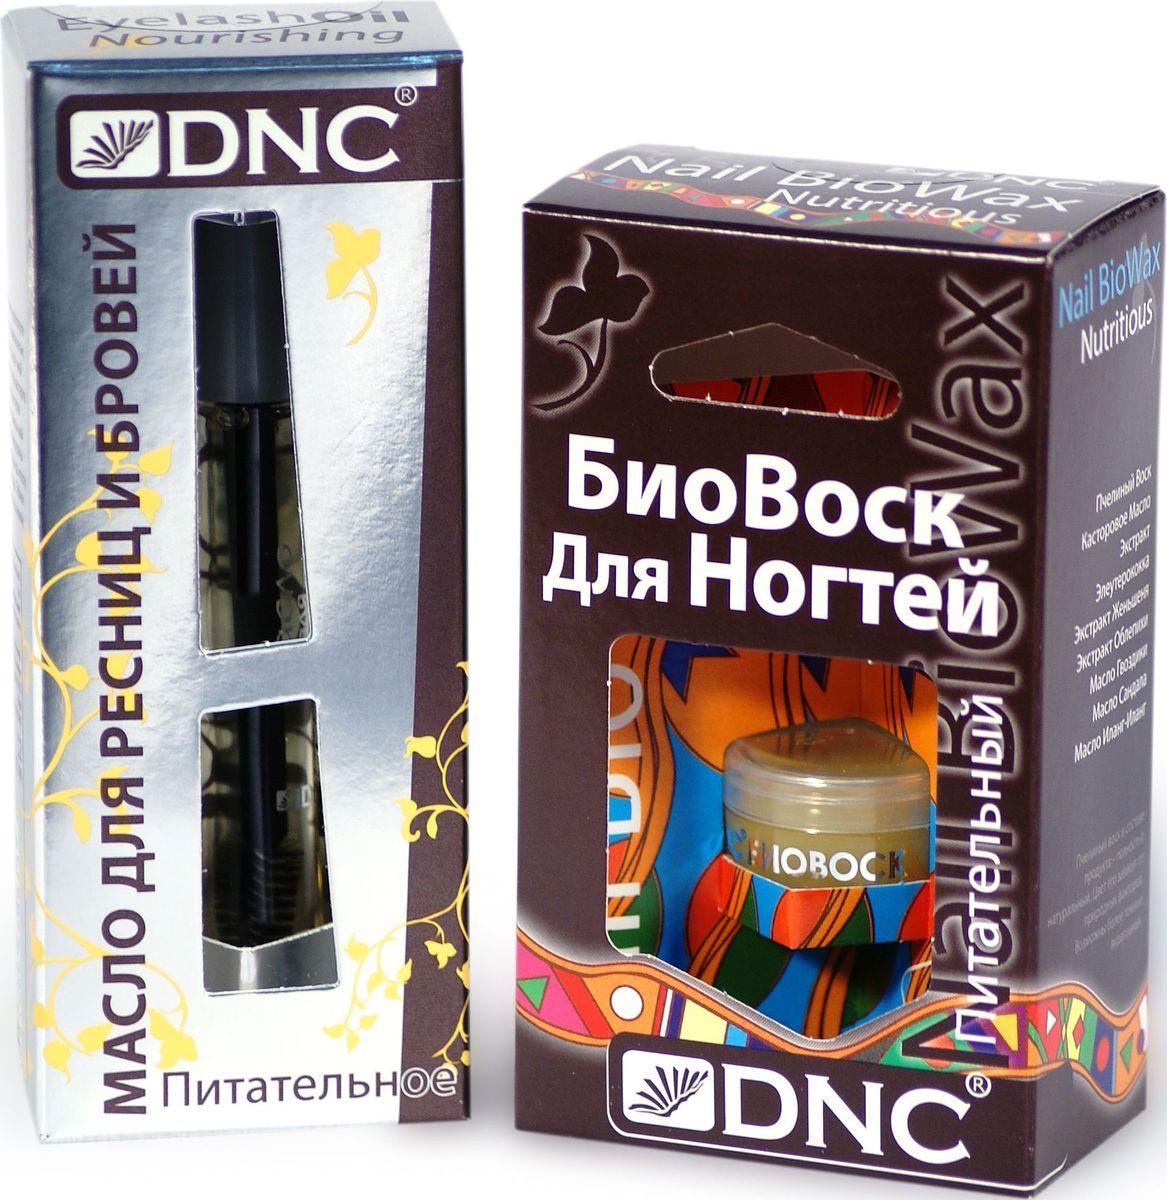 """DNC Набор """"Питательный"""": масло для ресниц и бровей, 12 мл, биовоск для ногтей, 6 мл"""